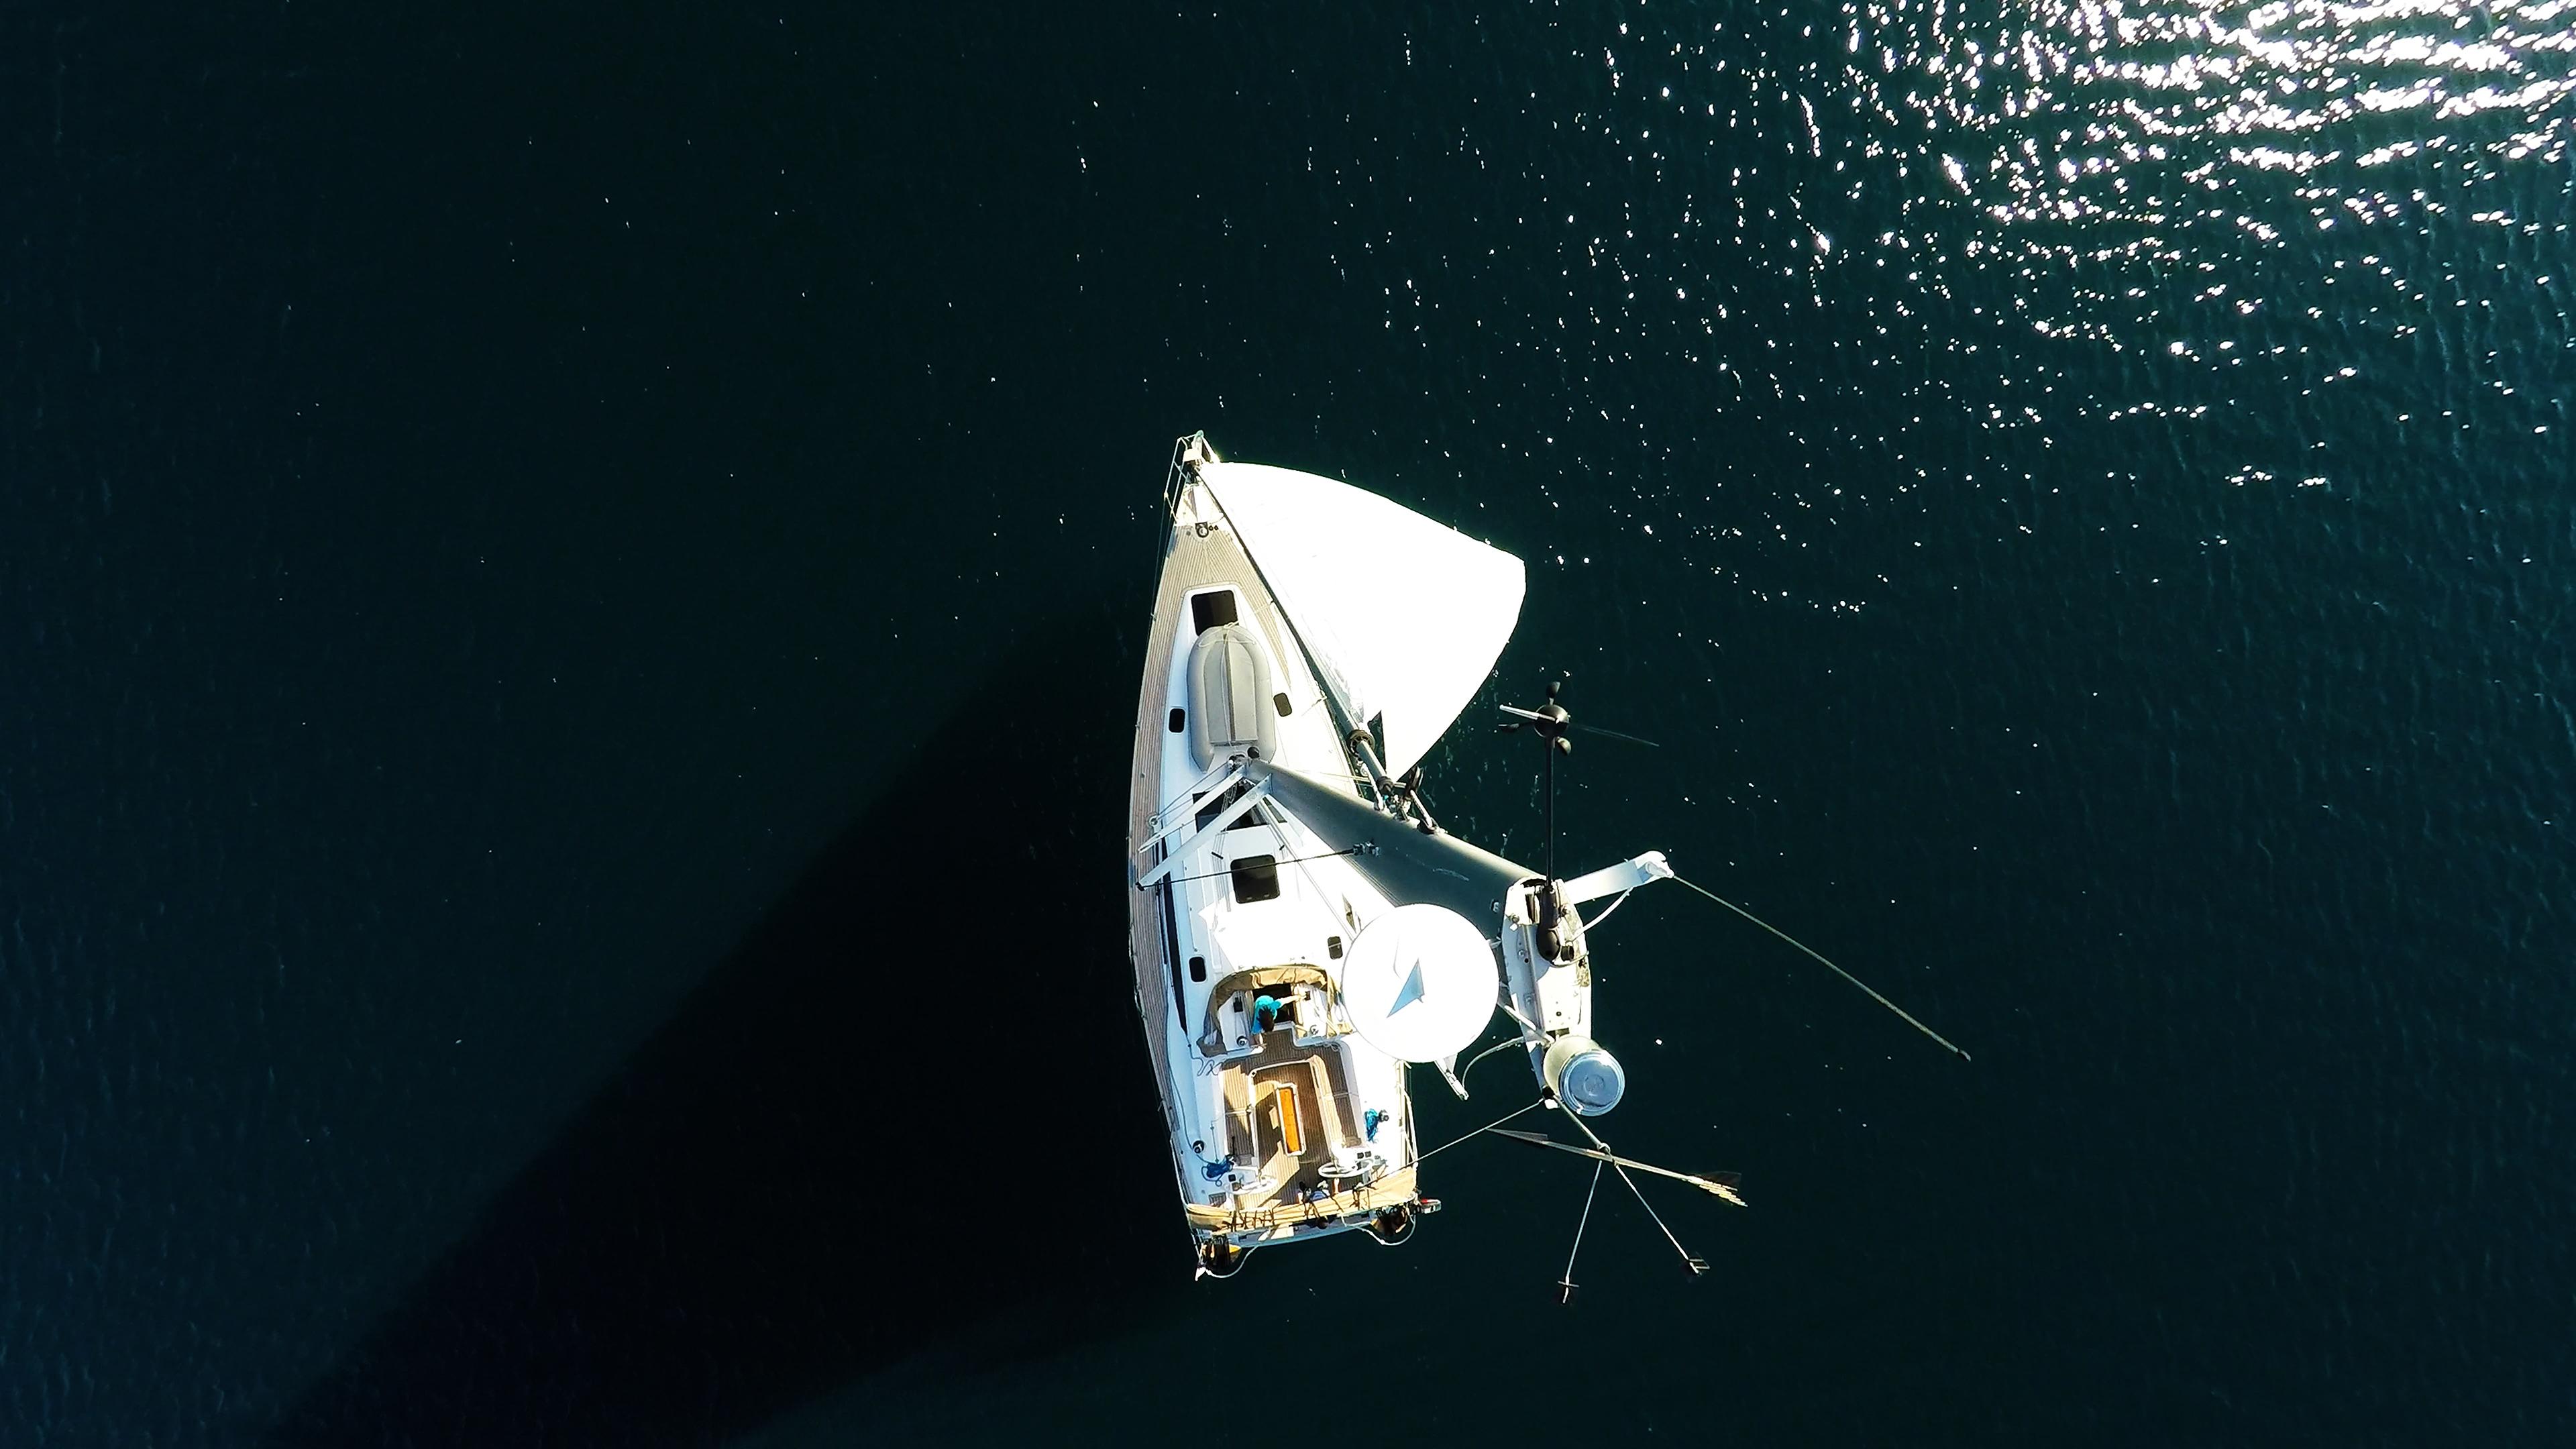 pogled s vrha jarbola jedrilica elan 45 impression tikova paluba jedra